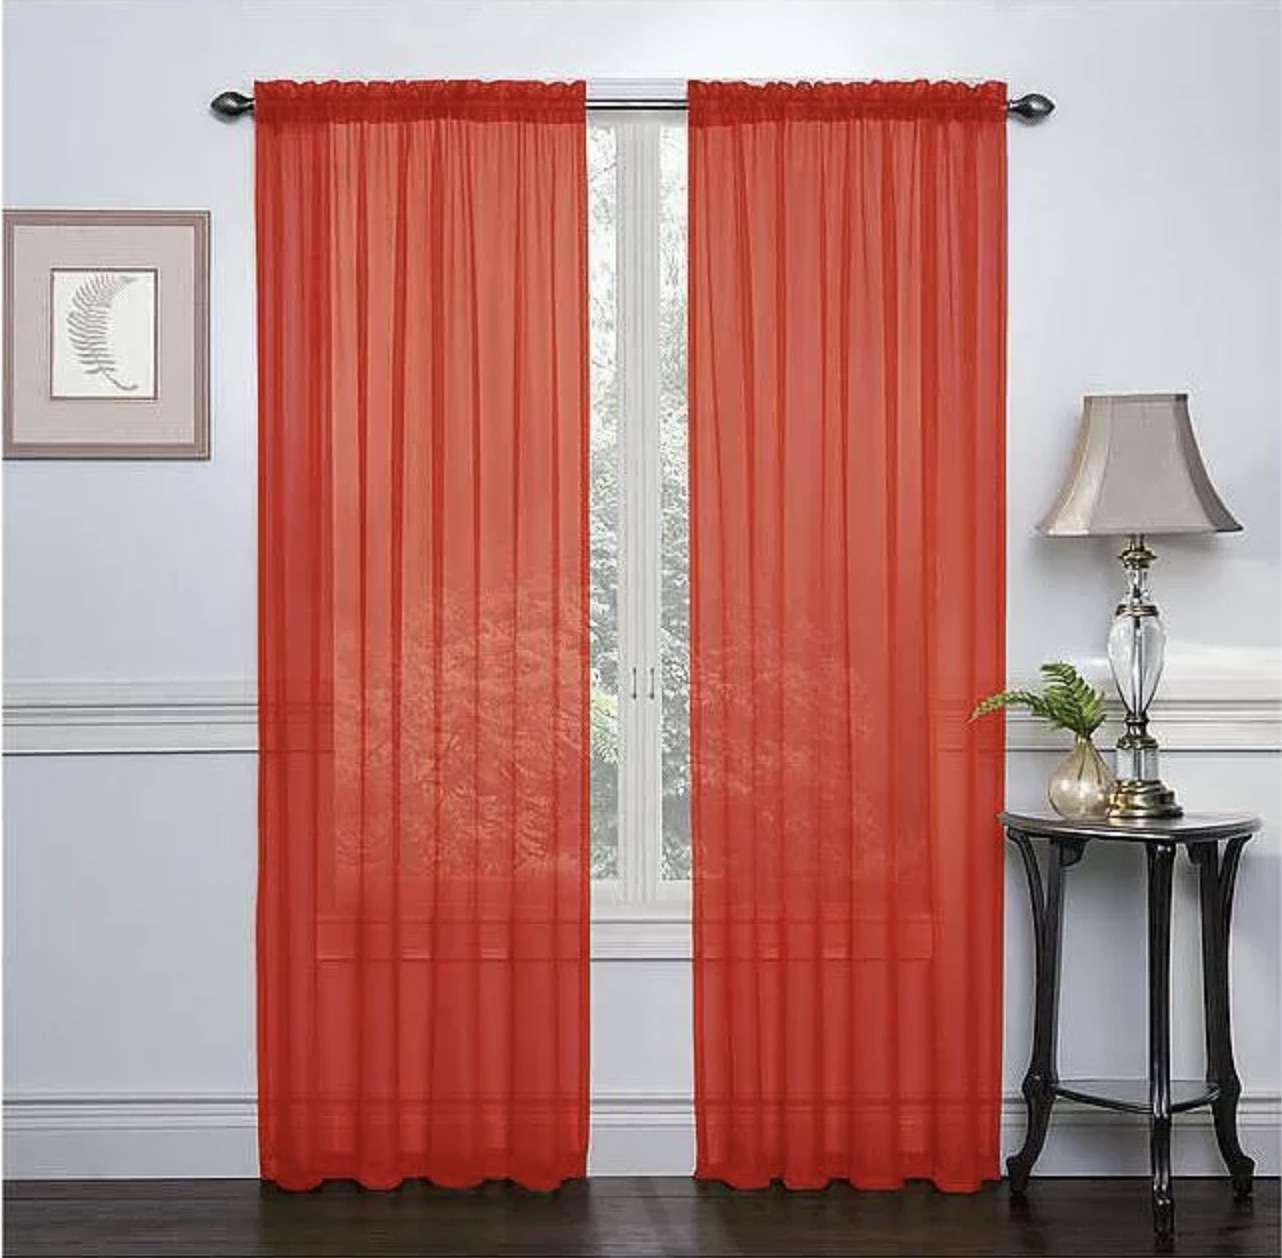 Coquelicot curtains